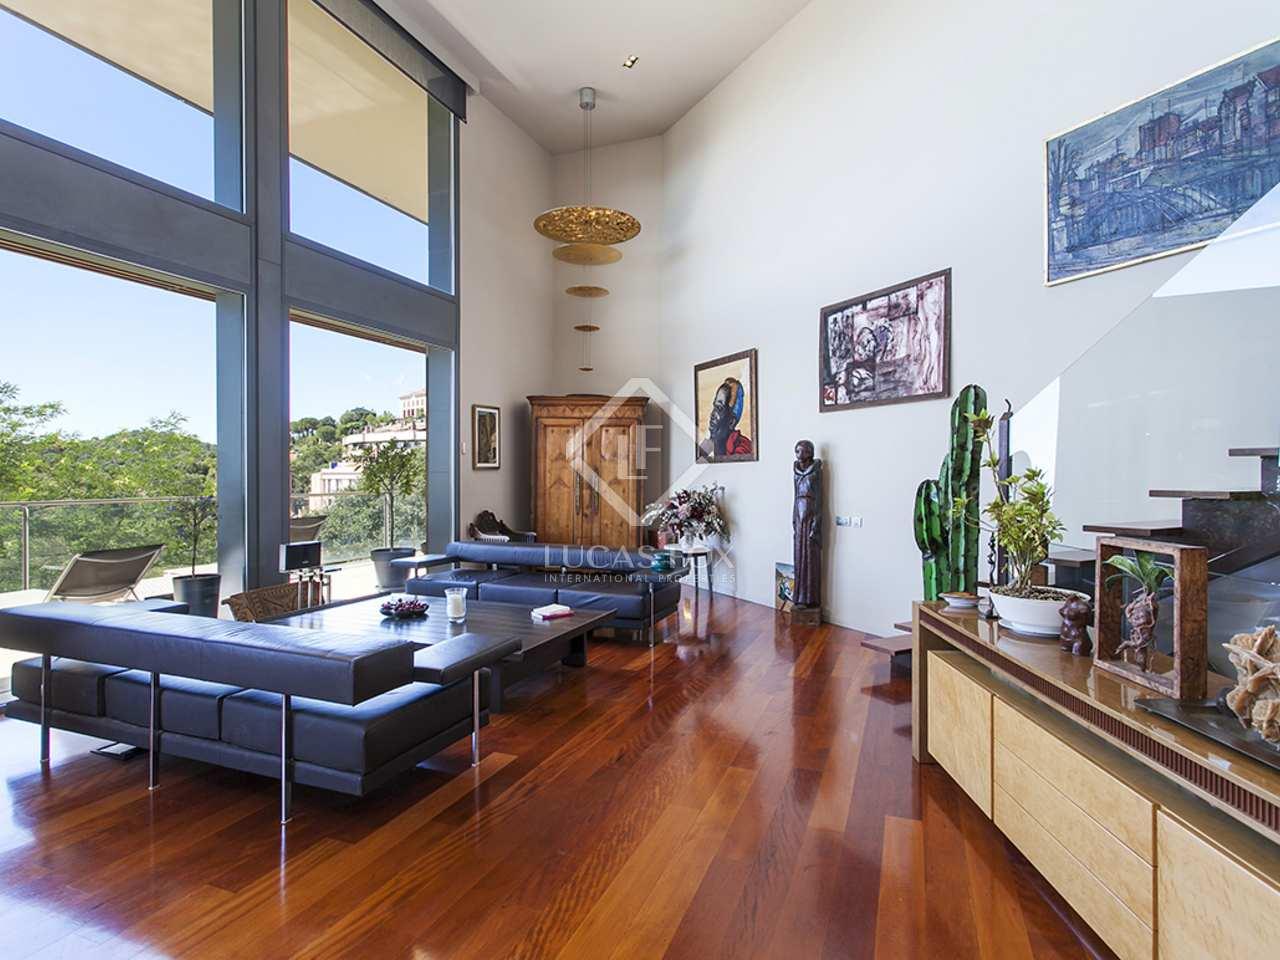 Casa de dise o en alquiler con jard n y vistas a barcelona for Alquiler casa jardin barcelona